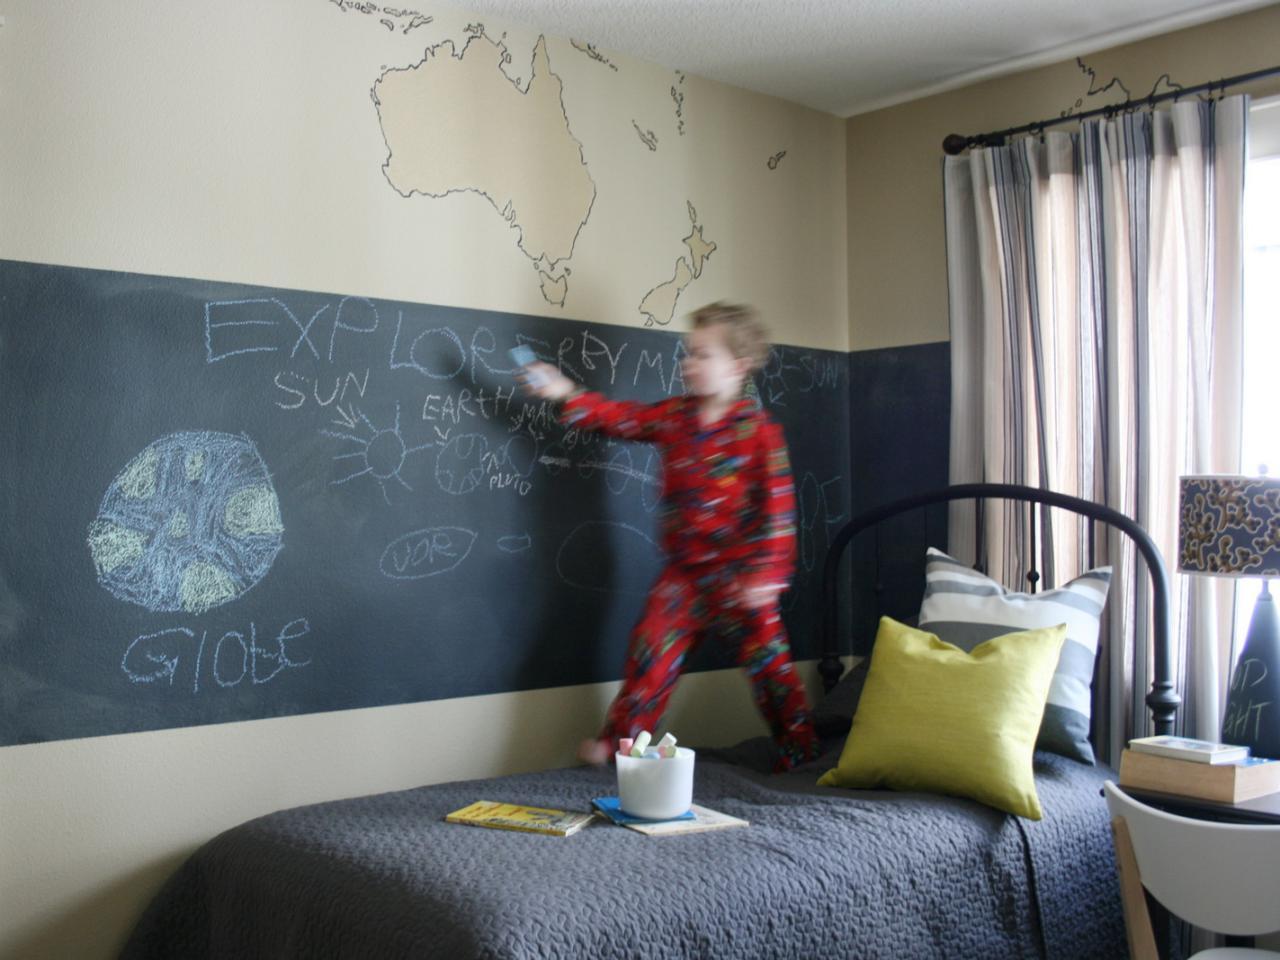 Доска для рисования на стене в детской комнате мальчика